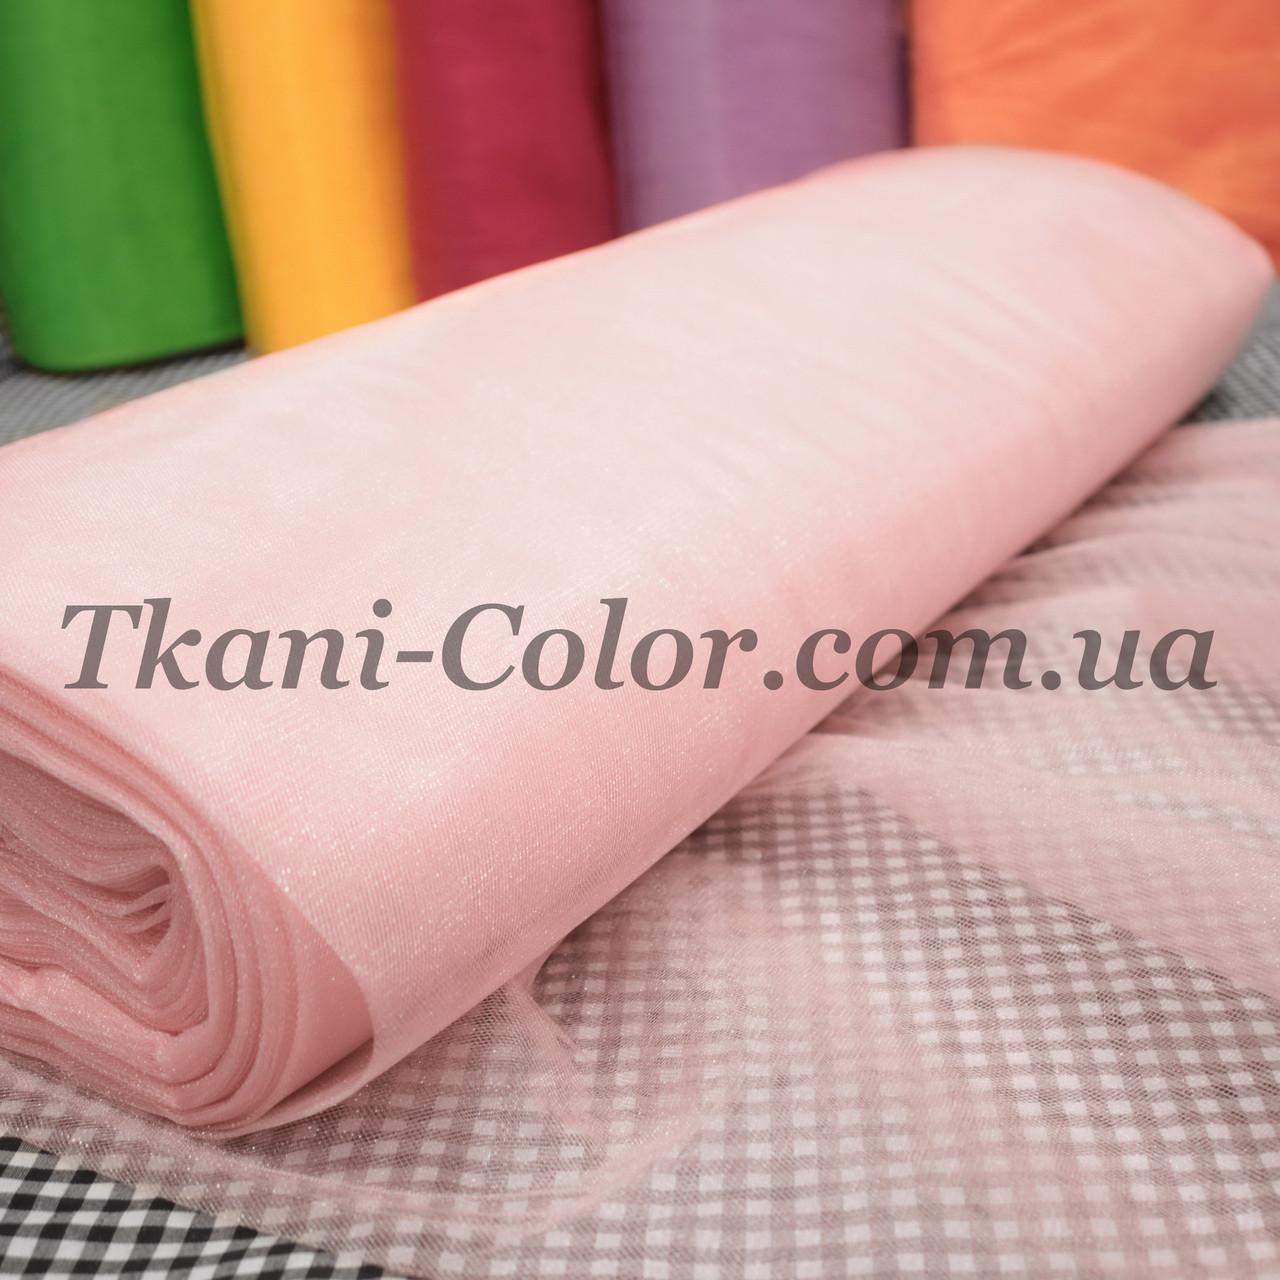 Тканина фатин середньої жорсткості світло-рожевий